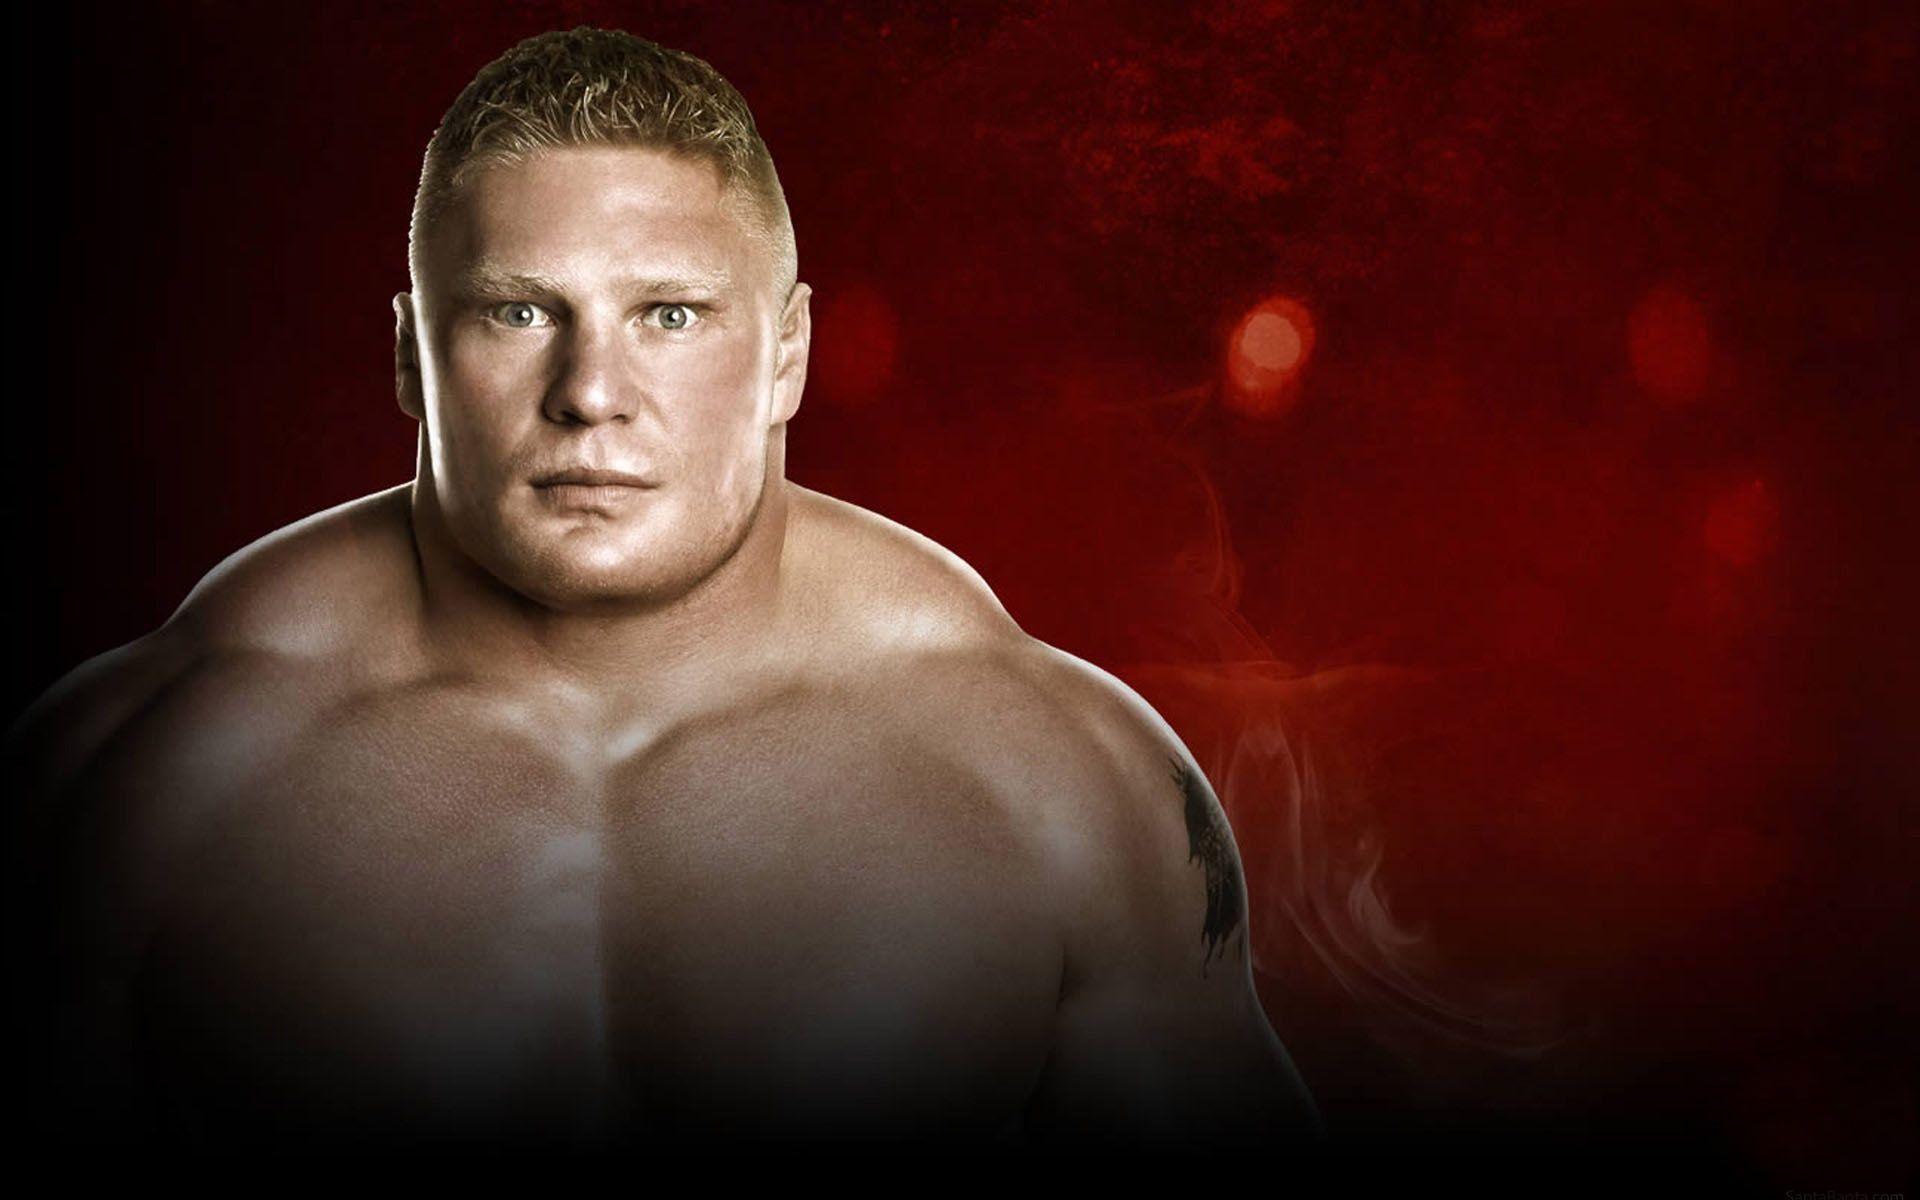 Brock Lesnar WWE Wallpapers 2015 - Wallpaper Cave